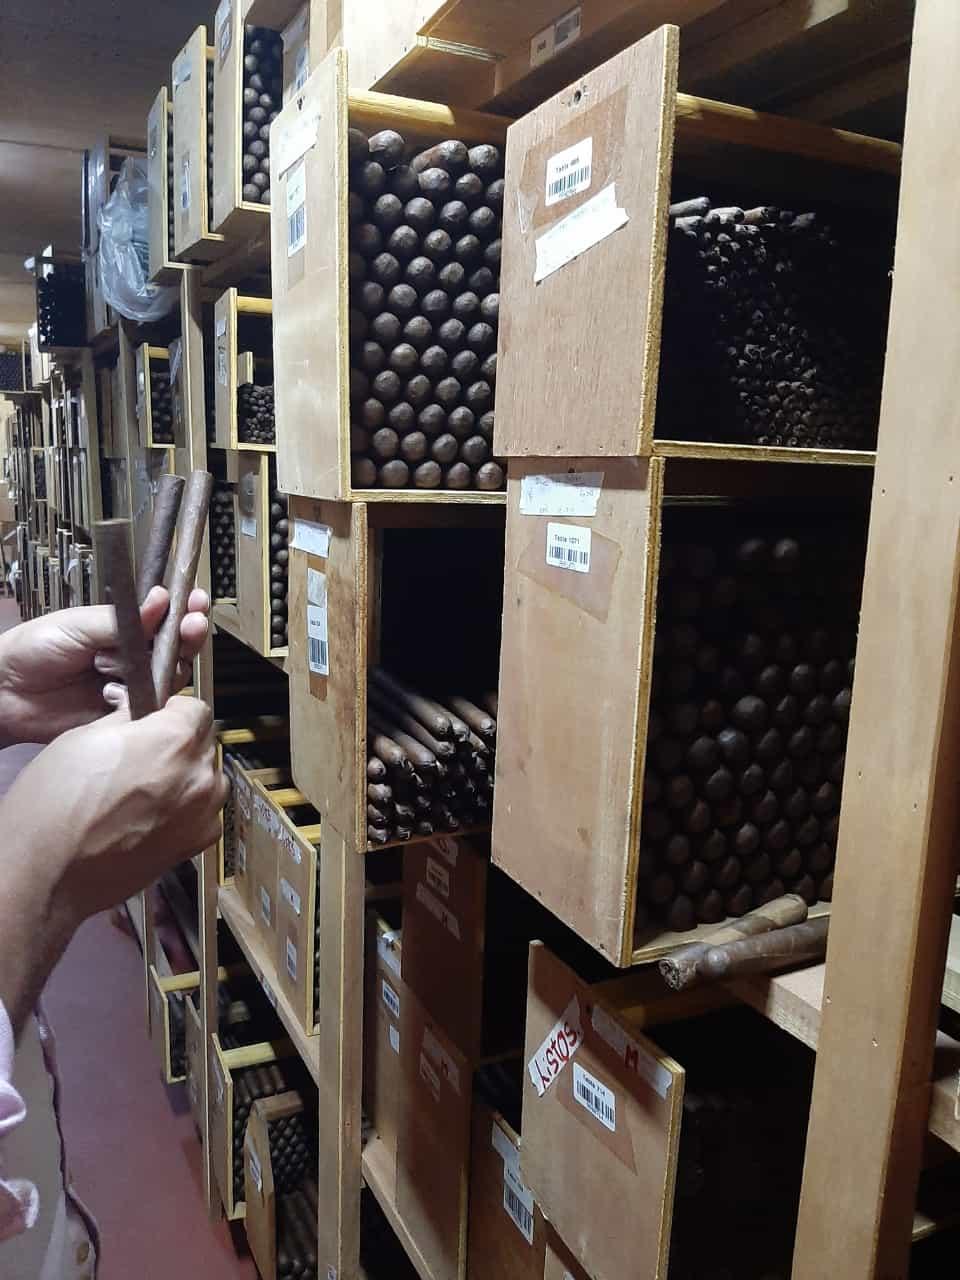 Unsere Zigarren Reifen dann im Humidor, mindestens 8 Wochen